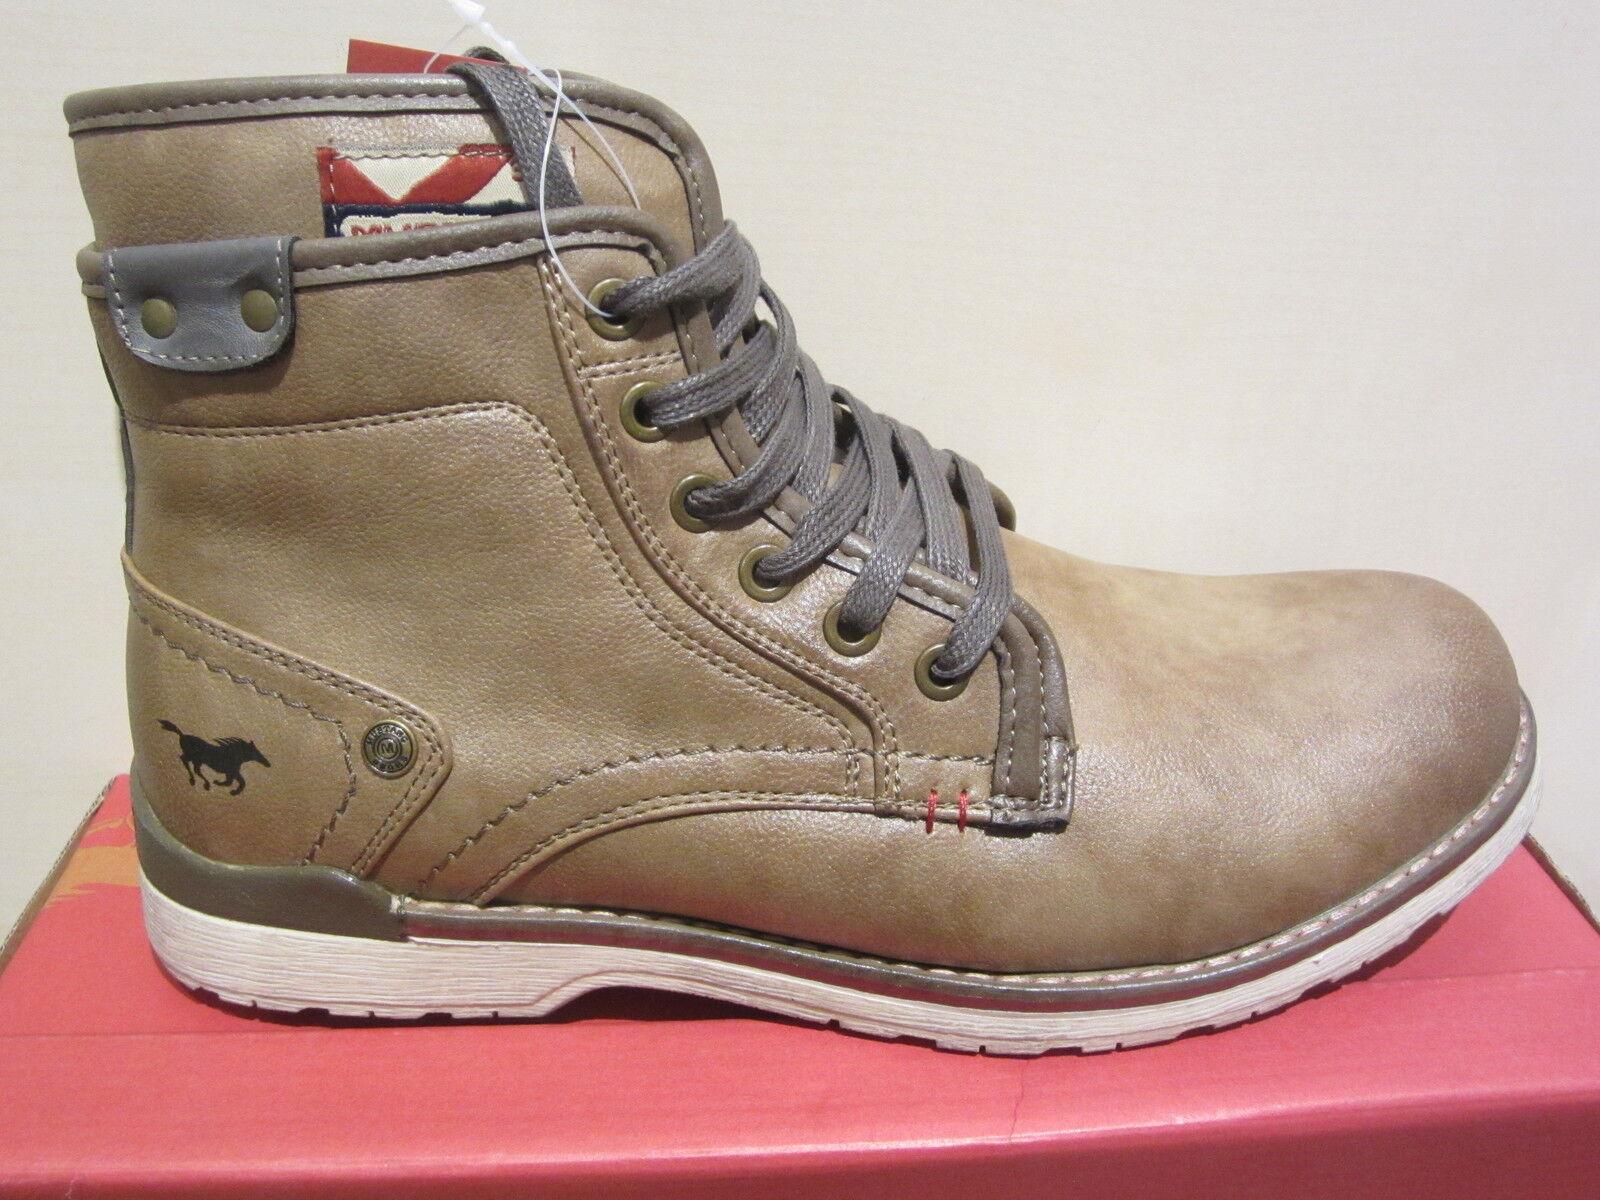 MUSTANG botas de cordón con RV, marrón, Forro Cálido 4061 NUEVO